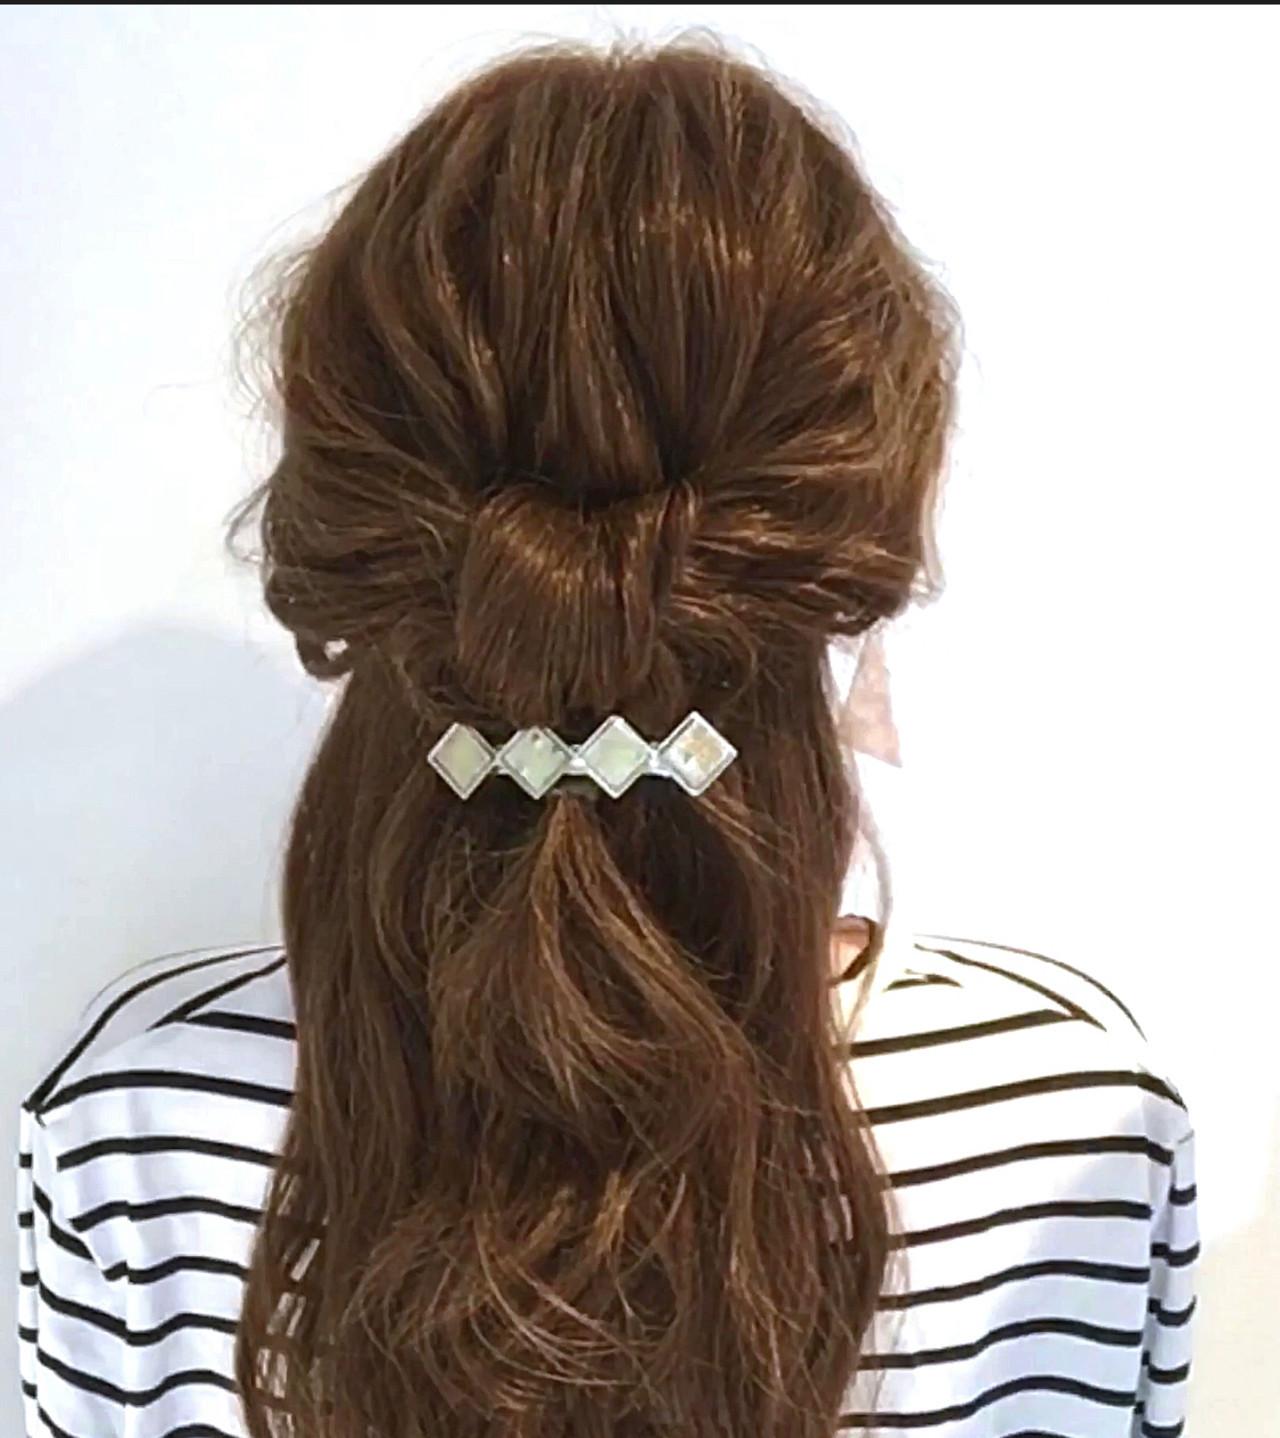 セルフアレンジ フェミニン 簡単ヘアアレンジ ハーフアップ ヘアスタイルや髪型の写真・画像